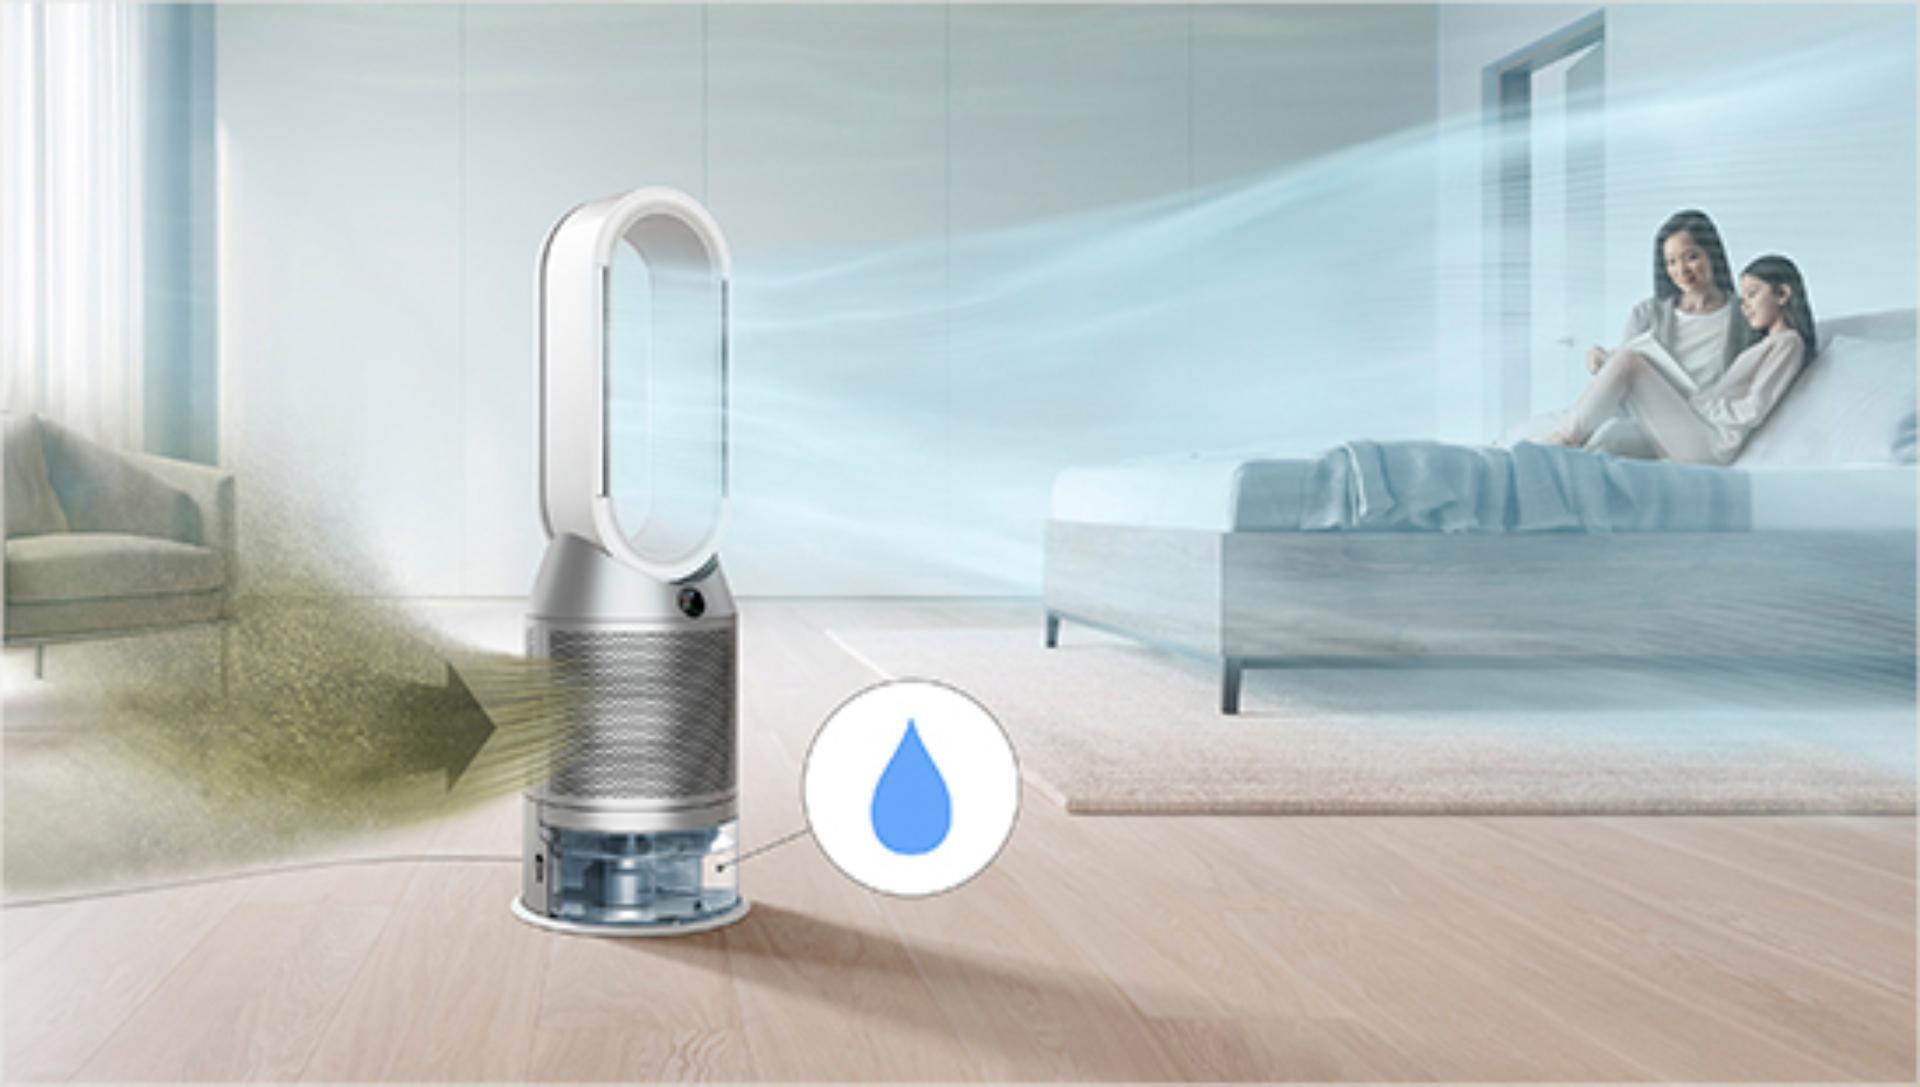 oczyszczacz powietrza z funkcją nawilżania Dyson stojący w pokoju